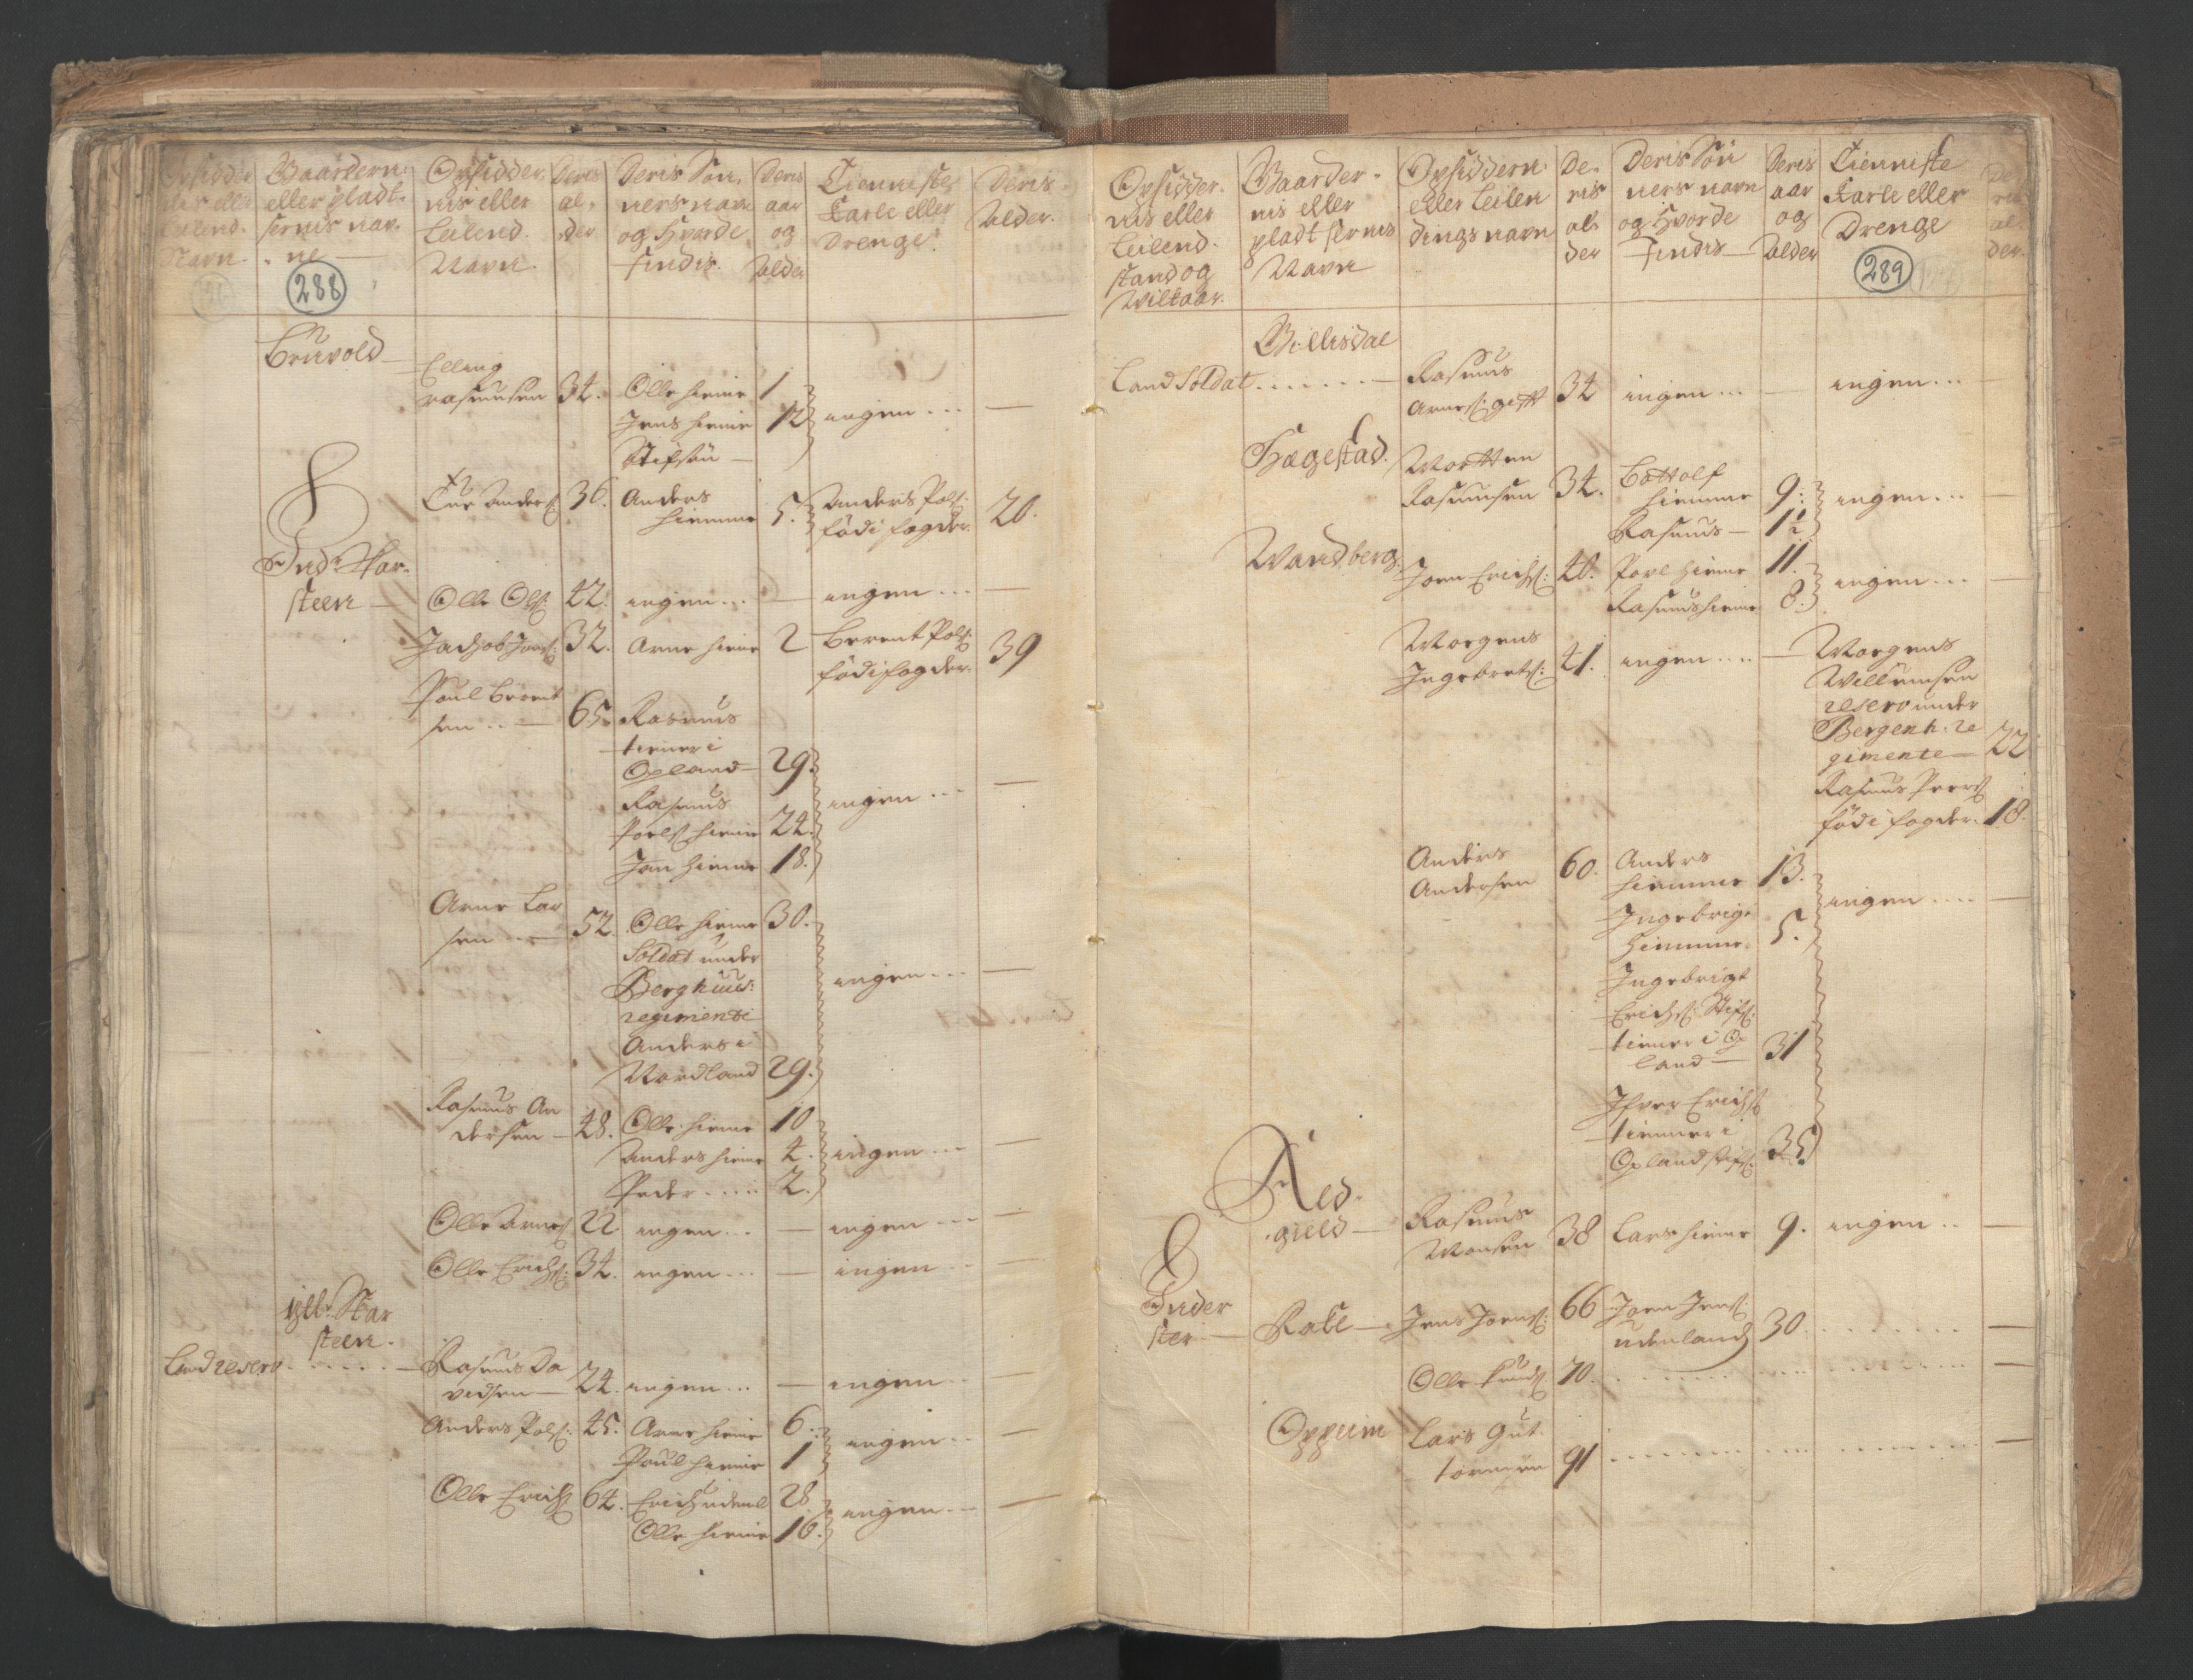 RA, Census (manntall) 1701, no. 9: Sunnfjord fogderi, Nordfjord fogderi and Svanø birk, 1701, p. 288-289